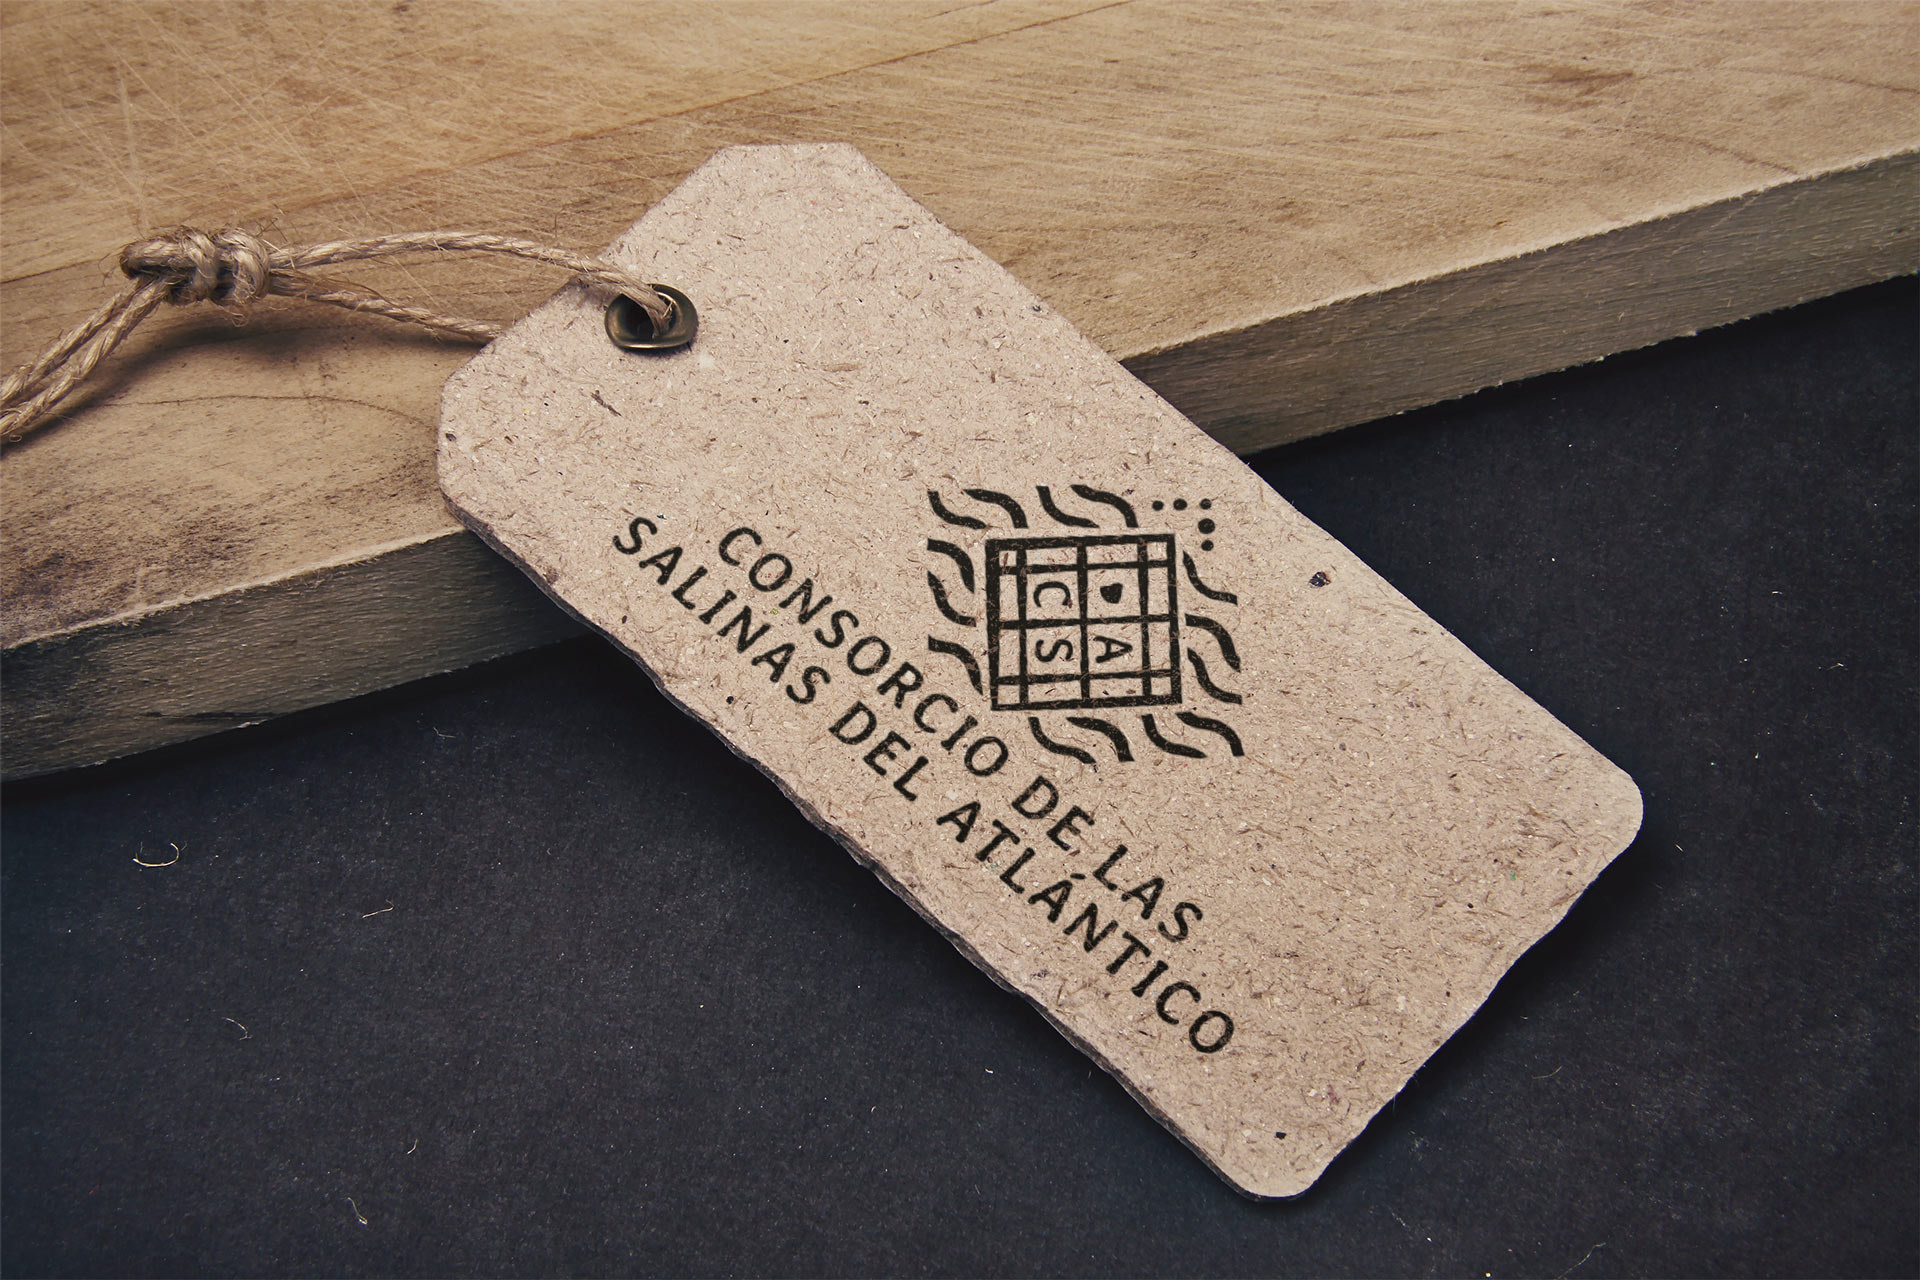 Etiqueta - Desarrollo de marca - Consorcio de las Salinas del Atlántico